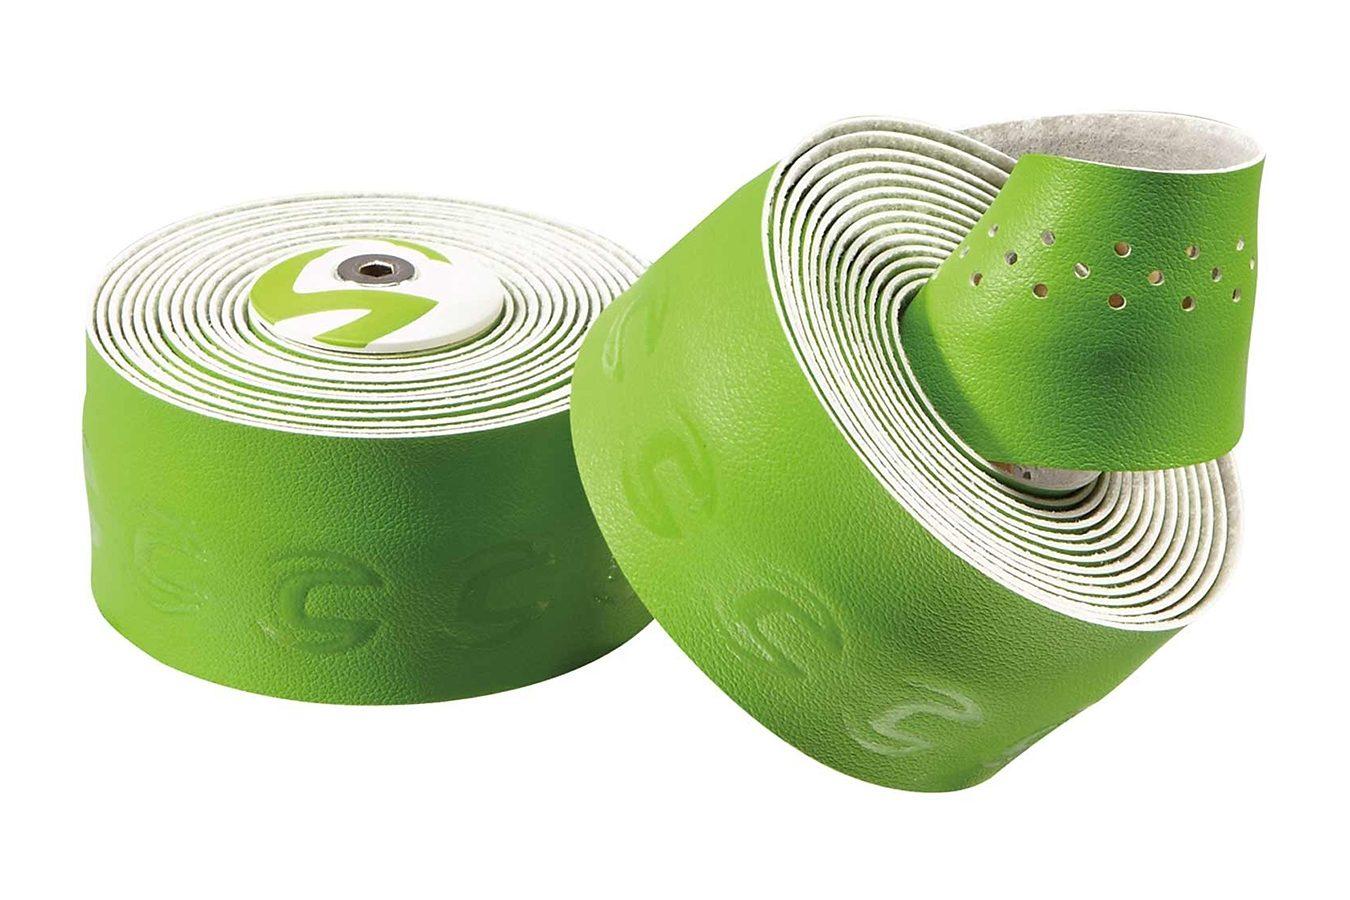 Cannondale Lenkerband »Superlight Microfiber Handlebar Tape green«